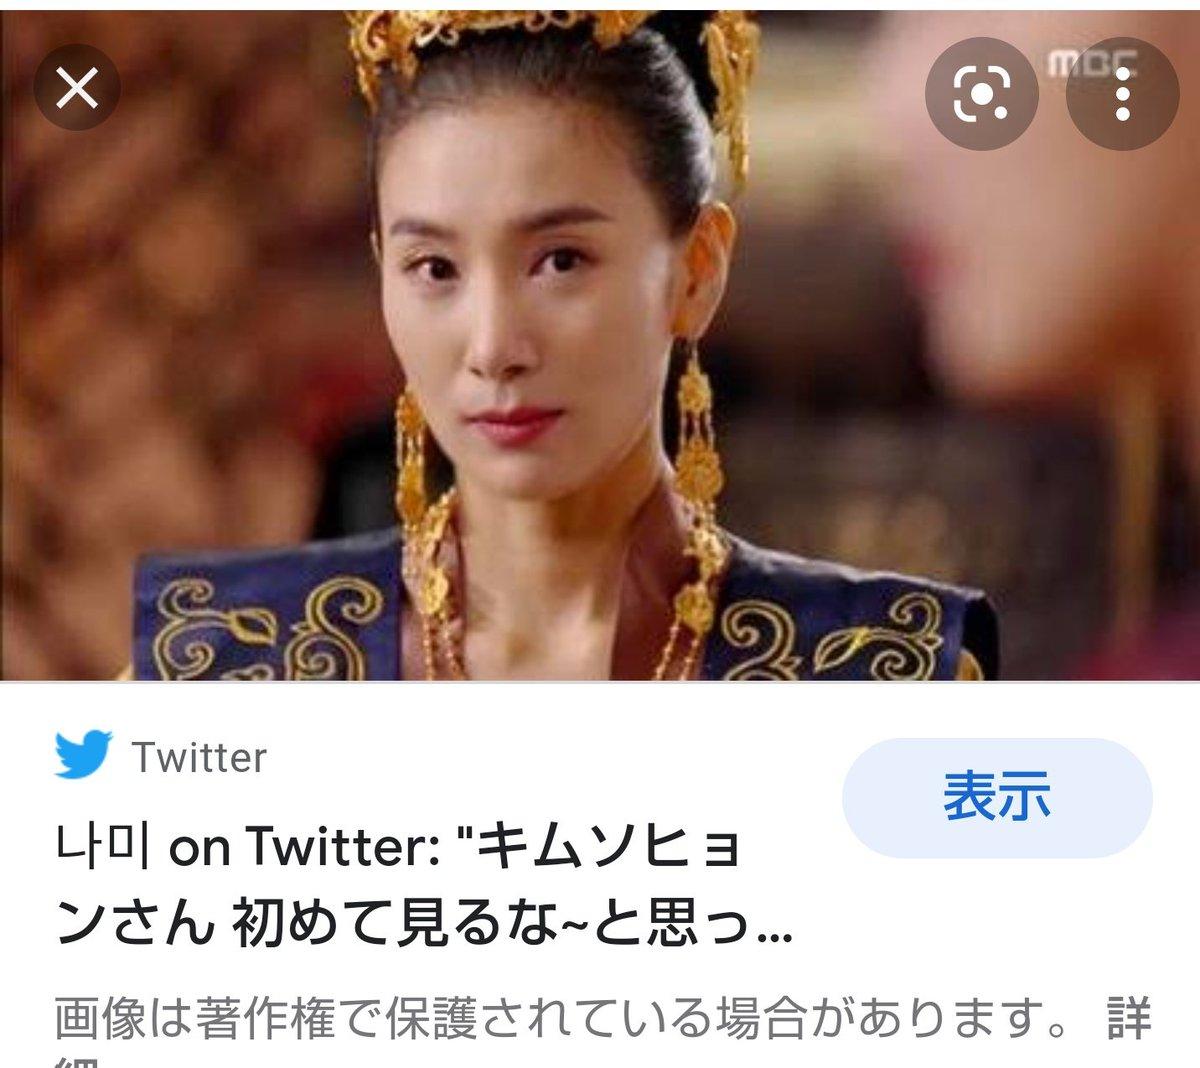 test ツイッターメディア - @maa95731814 いろんな役やってるのもすごい💖 韓国の人キレイな人多い💖 奇皇后に出てたキムソヒョンもキレイ💖 https://t.co/kgVkX72qEL